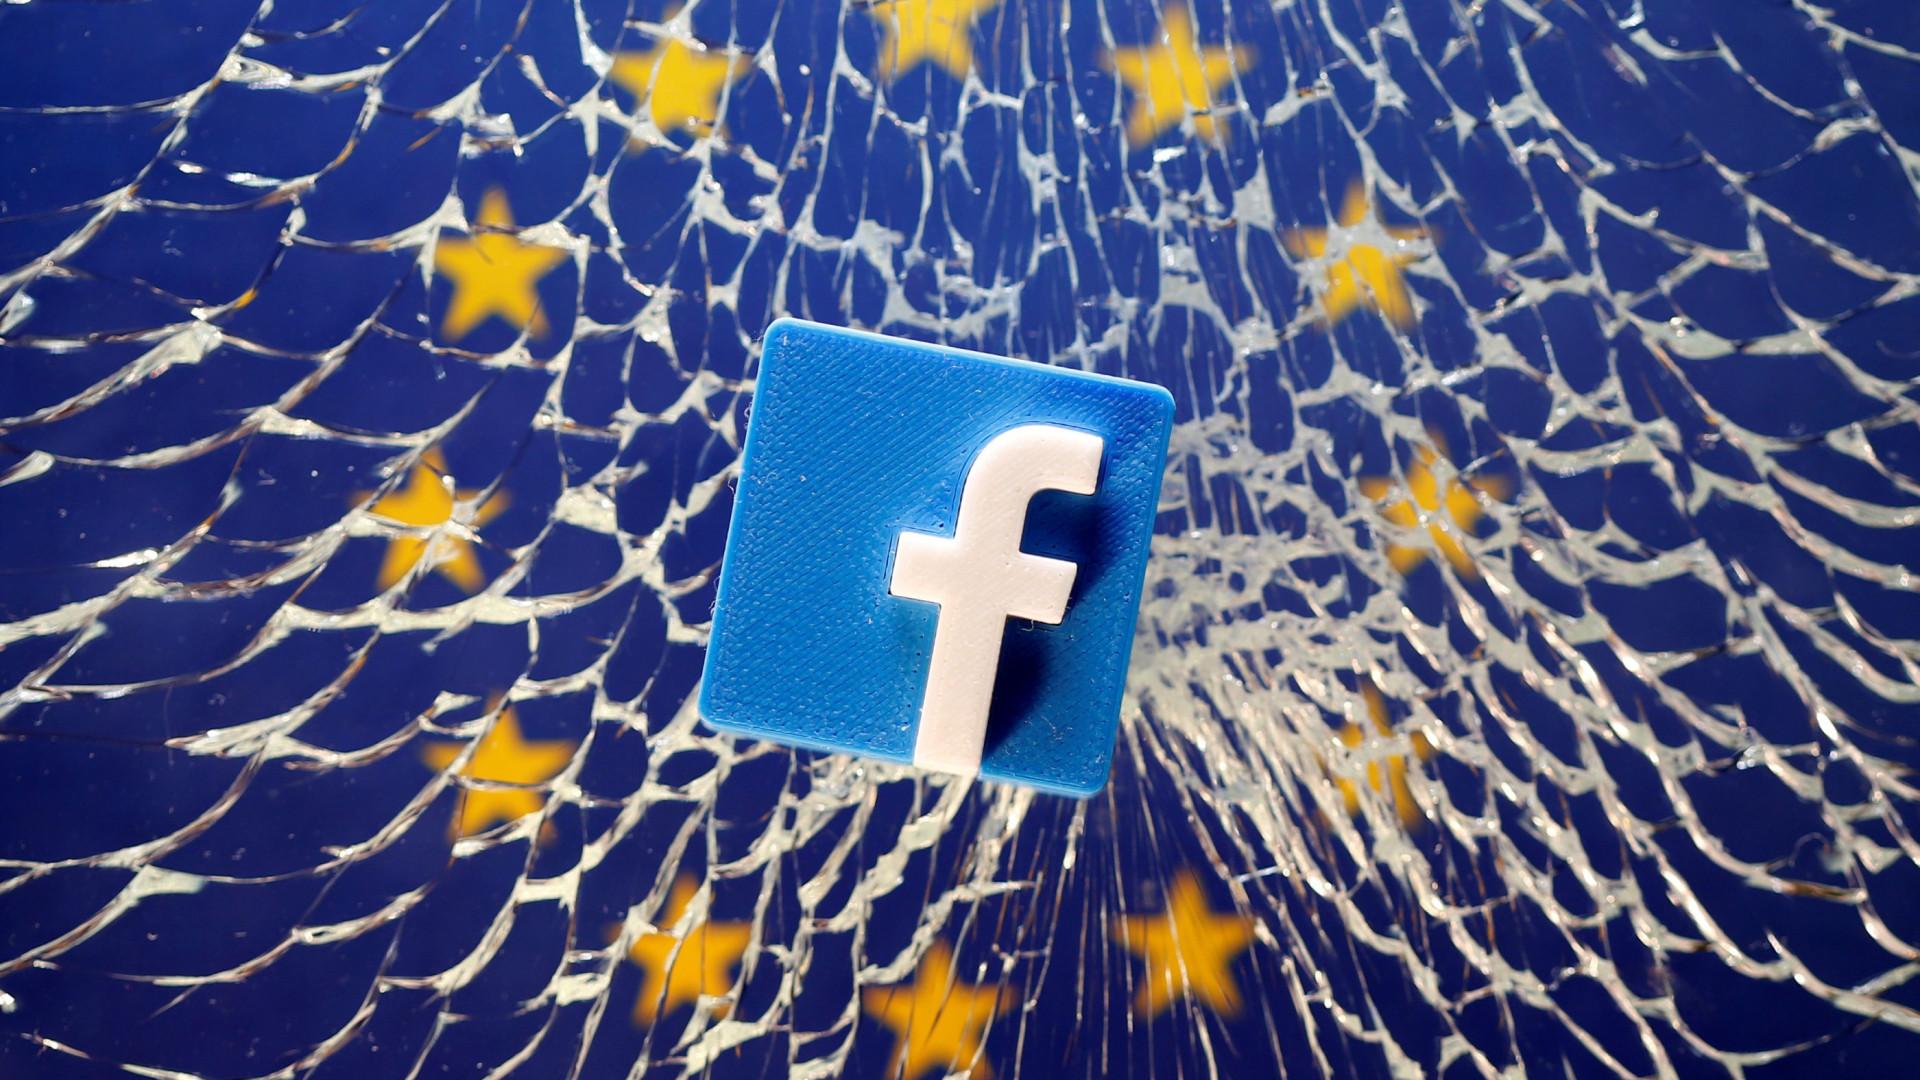 UE e Reino Unido abrem investigações antitruste contra Facebook por uso de dados